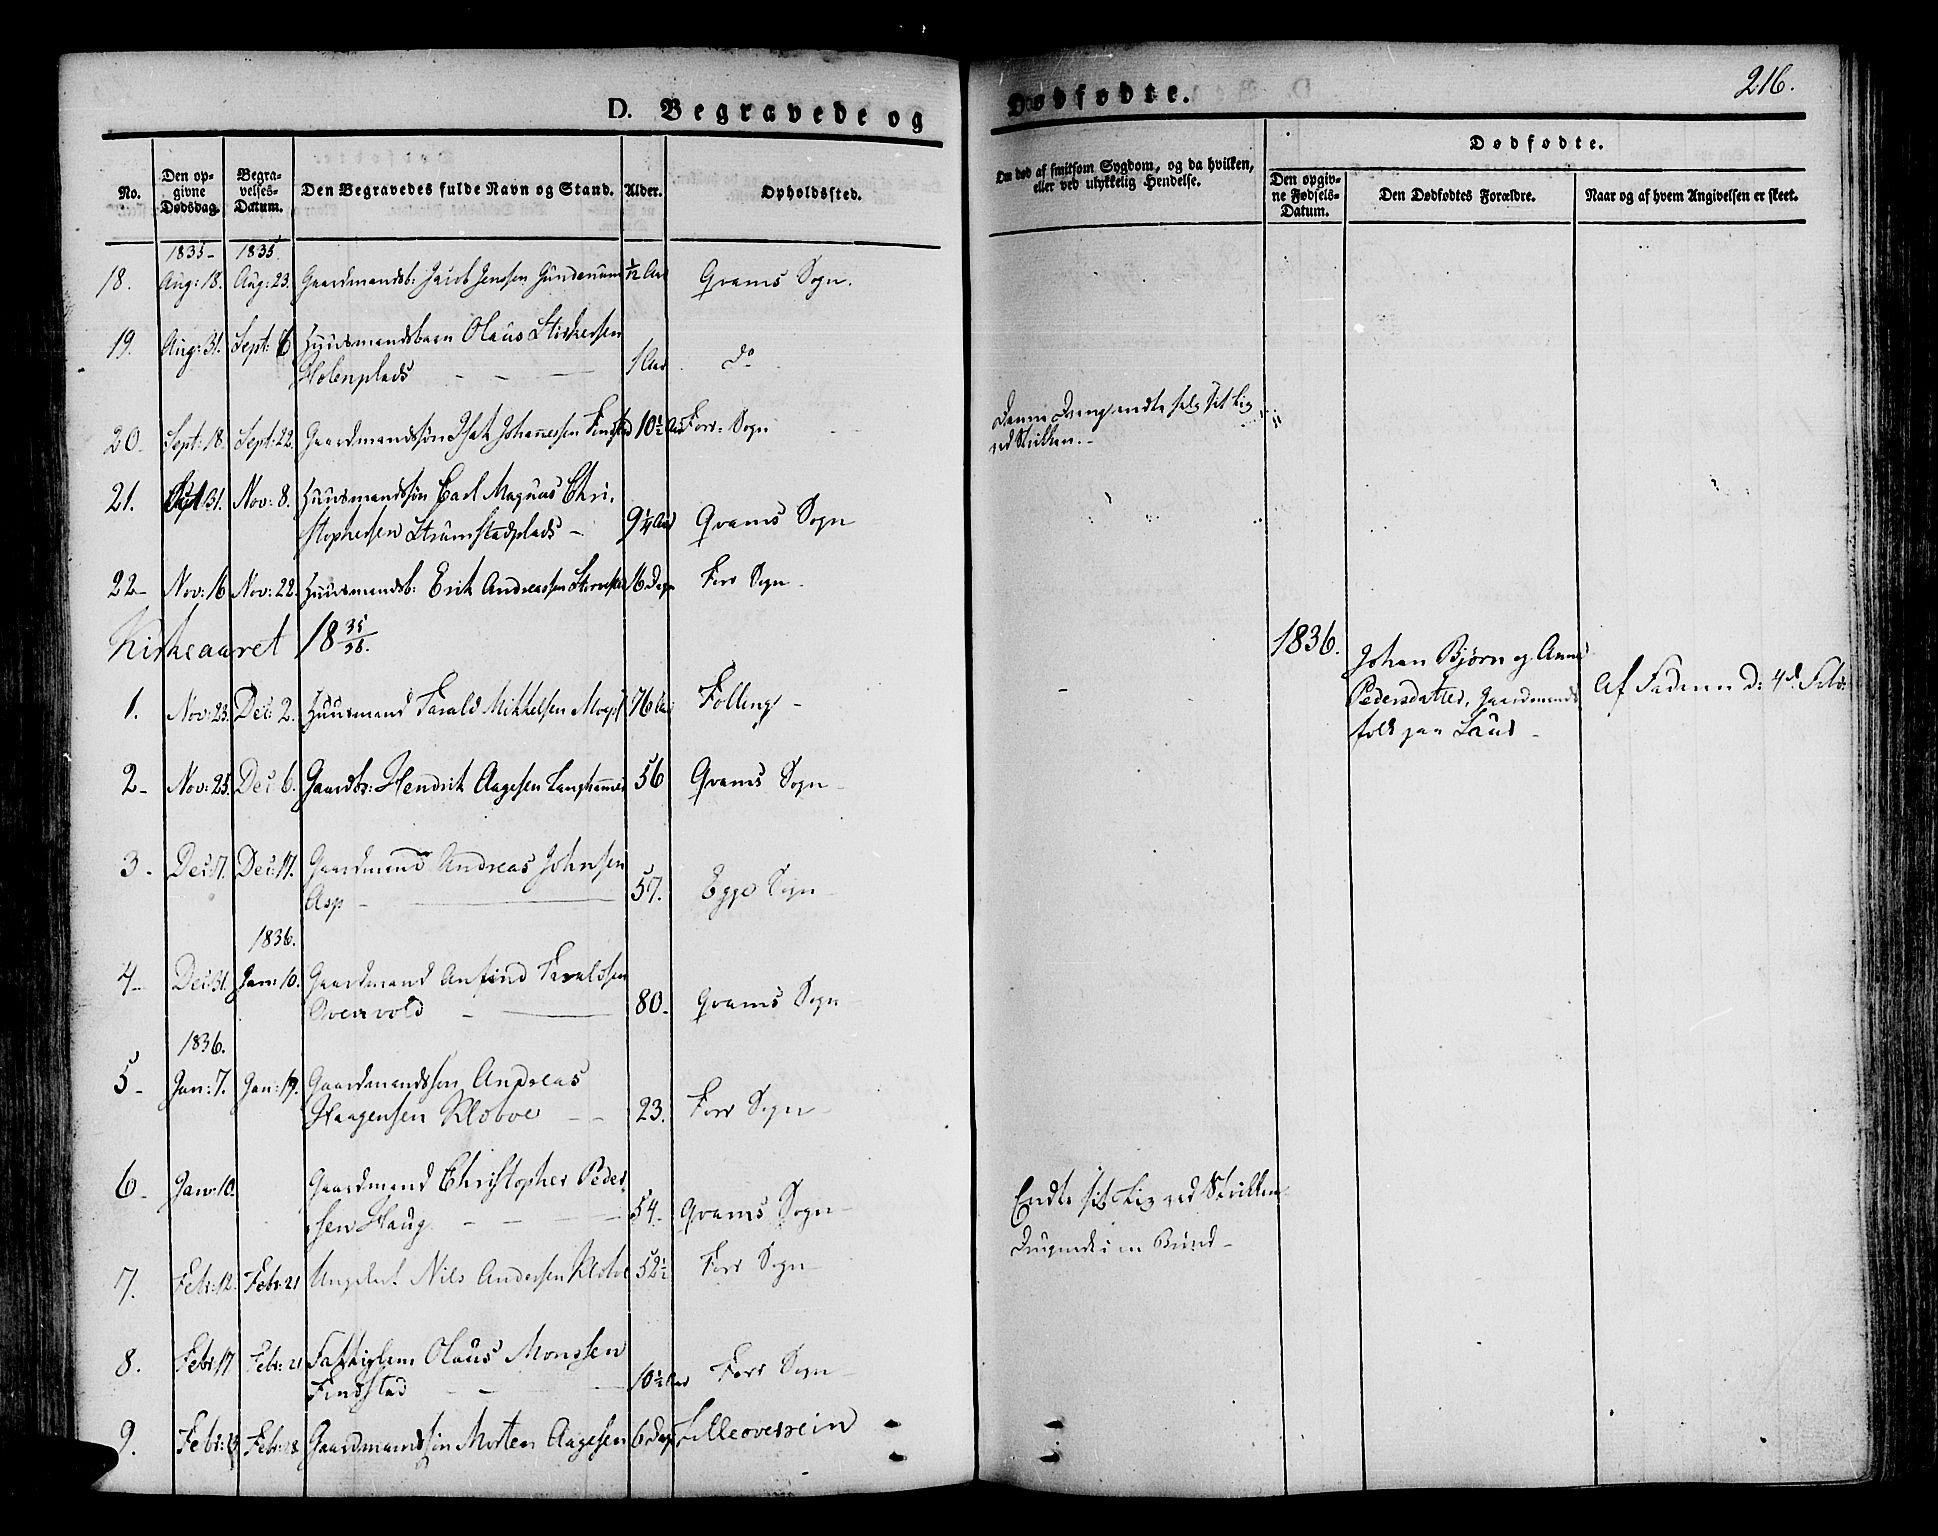 SAT, Ministerialprotokoller, klokkerbøker og fødselsregistre - Nord-Trøndelag, 746/L0445: Ministerialbok nr. 746A04, 1826-1846, s. 216